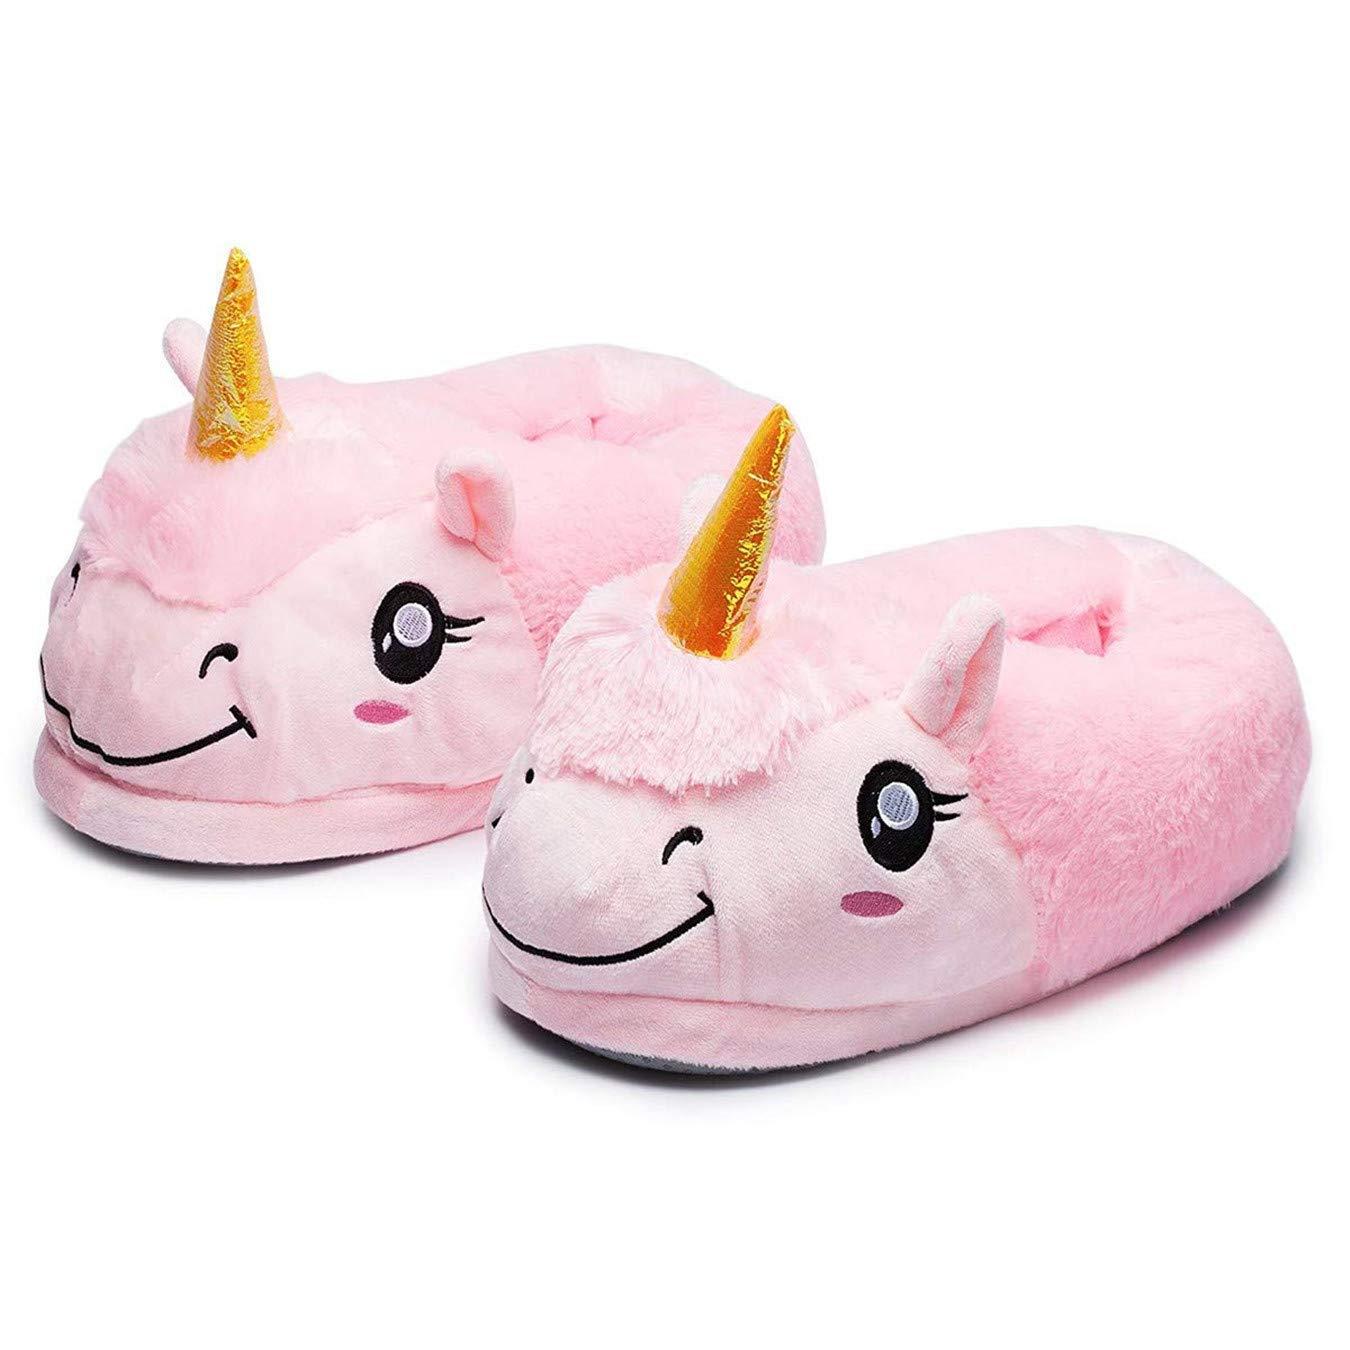 Queque Shine Unisexo Unicornio Felpa Suave Calentar Zapatillas Zapatos Niñ o como Regalo, Talla Ú nica EU25-33 Talla Única EU25-33 (Azul)